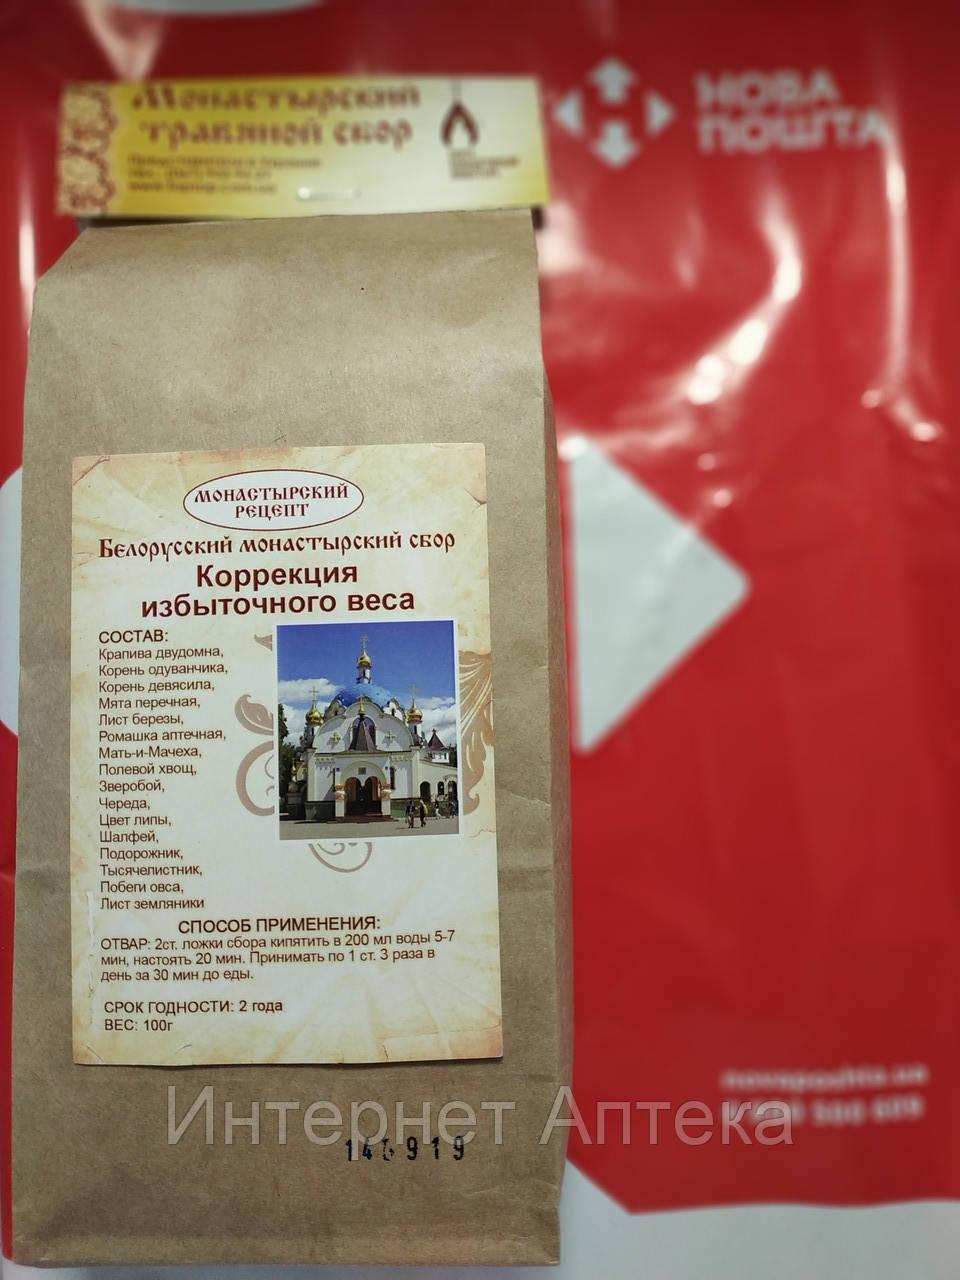 Чай для похудения монастырский